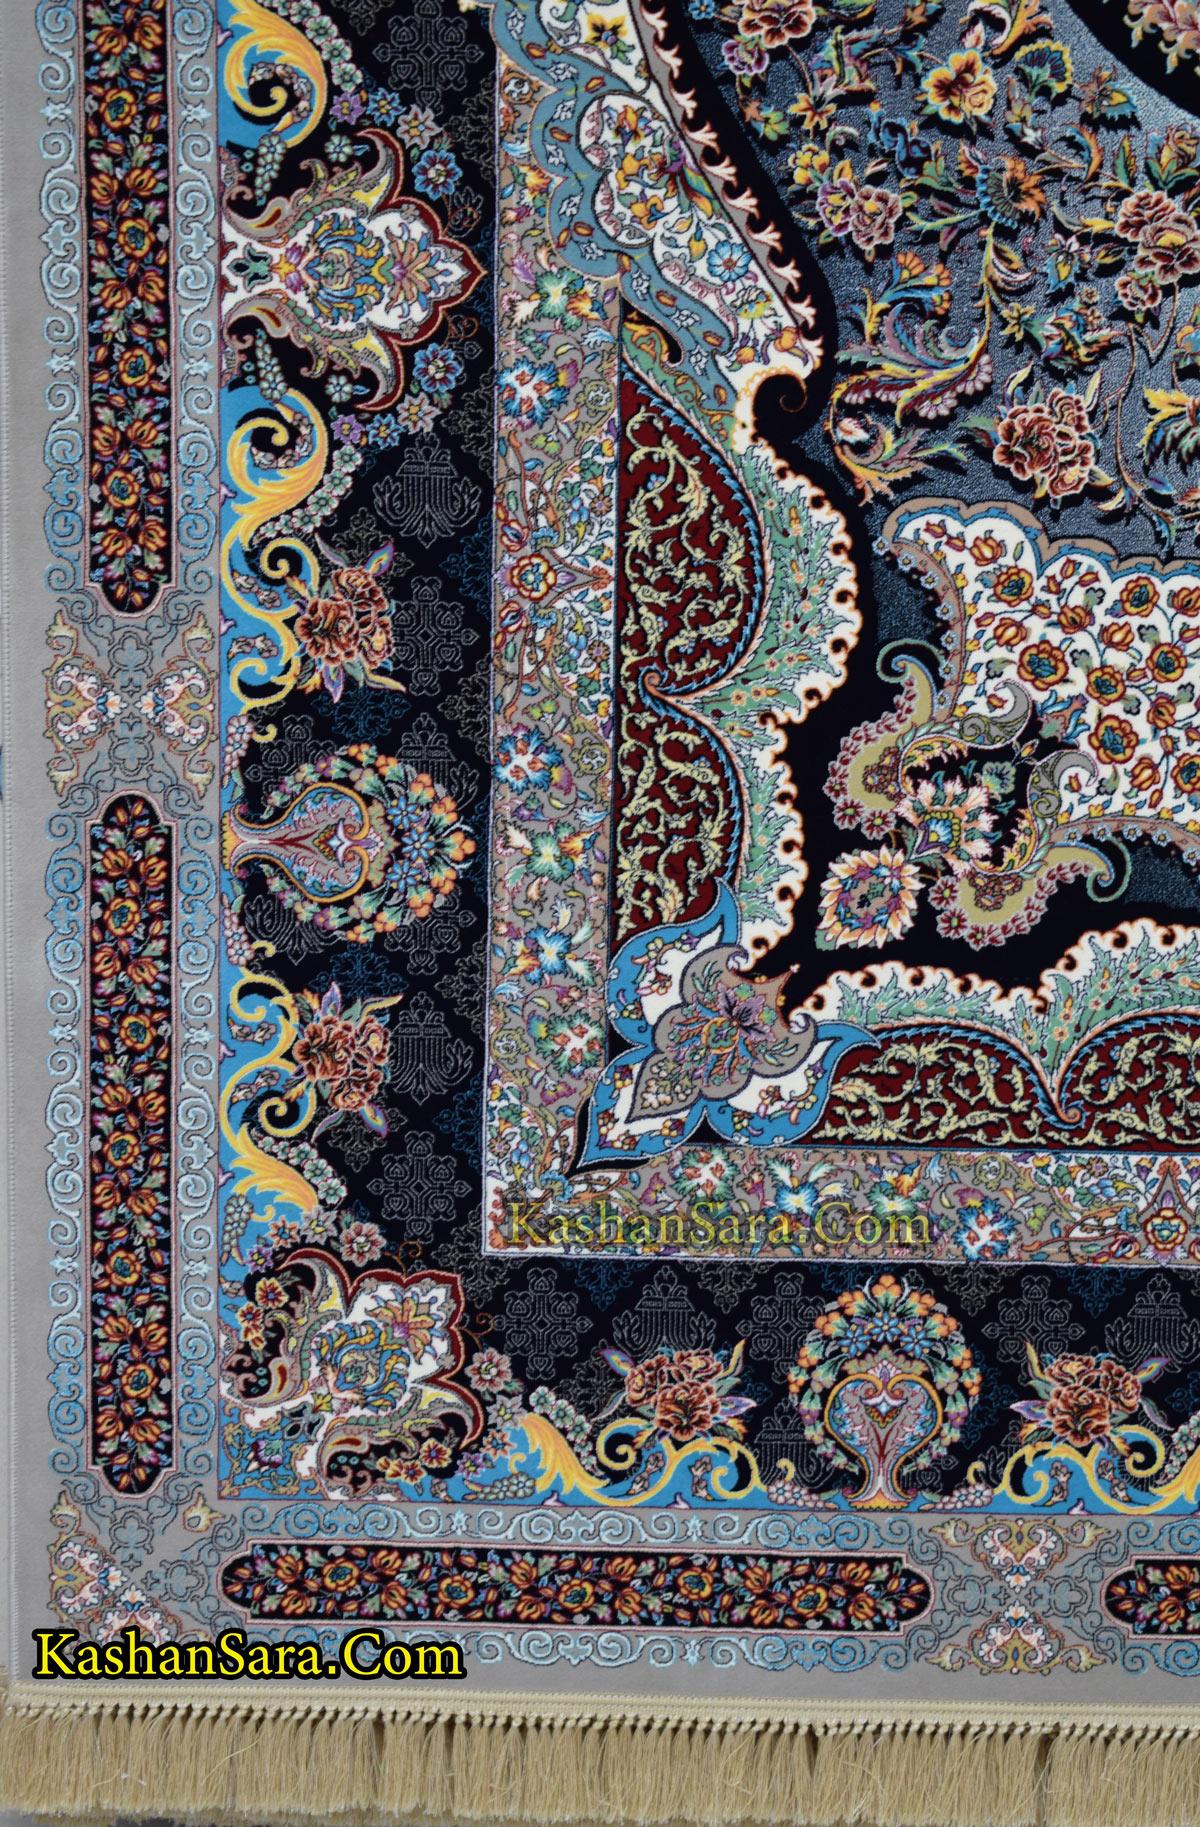 قیمت فرش ۱۲۰۰ شانه نقشه سامی